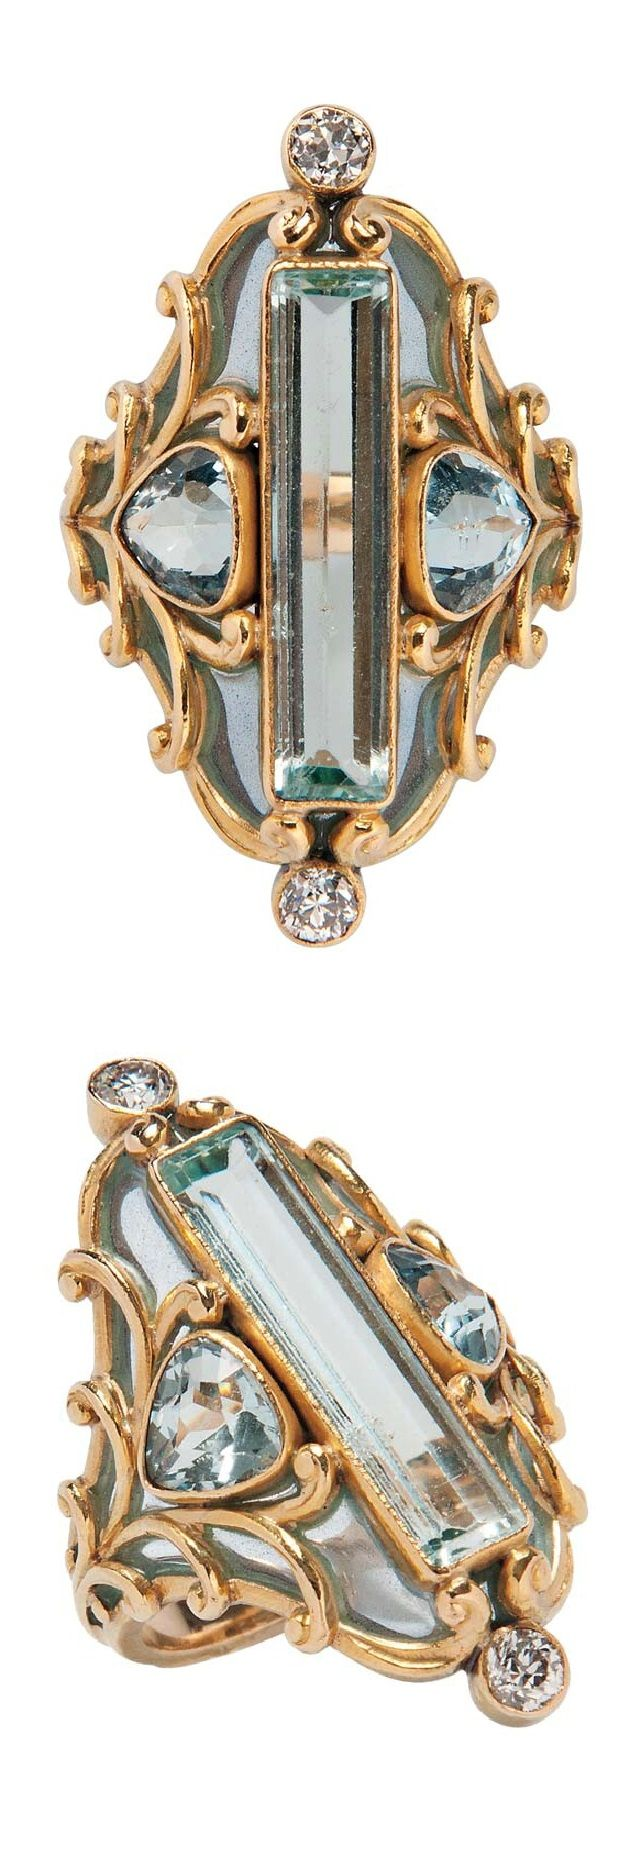 Marcus & Co. - An Art Nouveau 18kt Gold, Aquamarine, and Plique-à-Jour Enamel Ring. Centring a long, bezel-set, rectangular-cut aquamarine in a plique-à-jour enamel mount with aquamarines and old European-cut diamonds, signed.